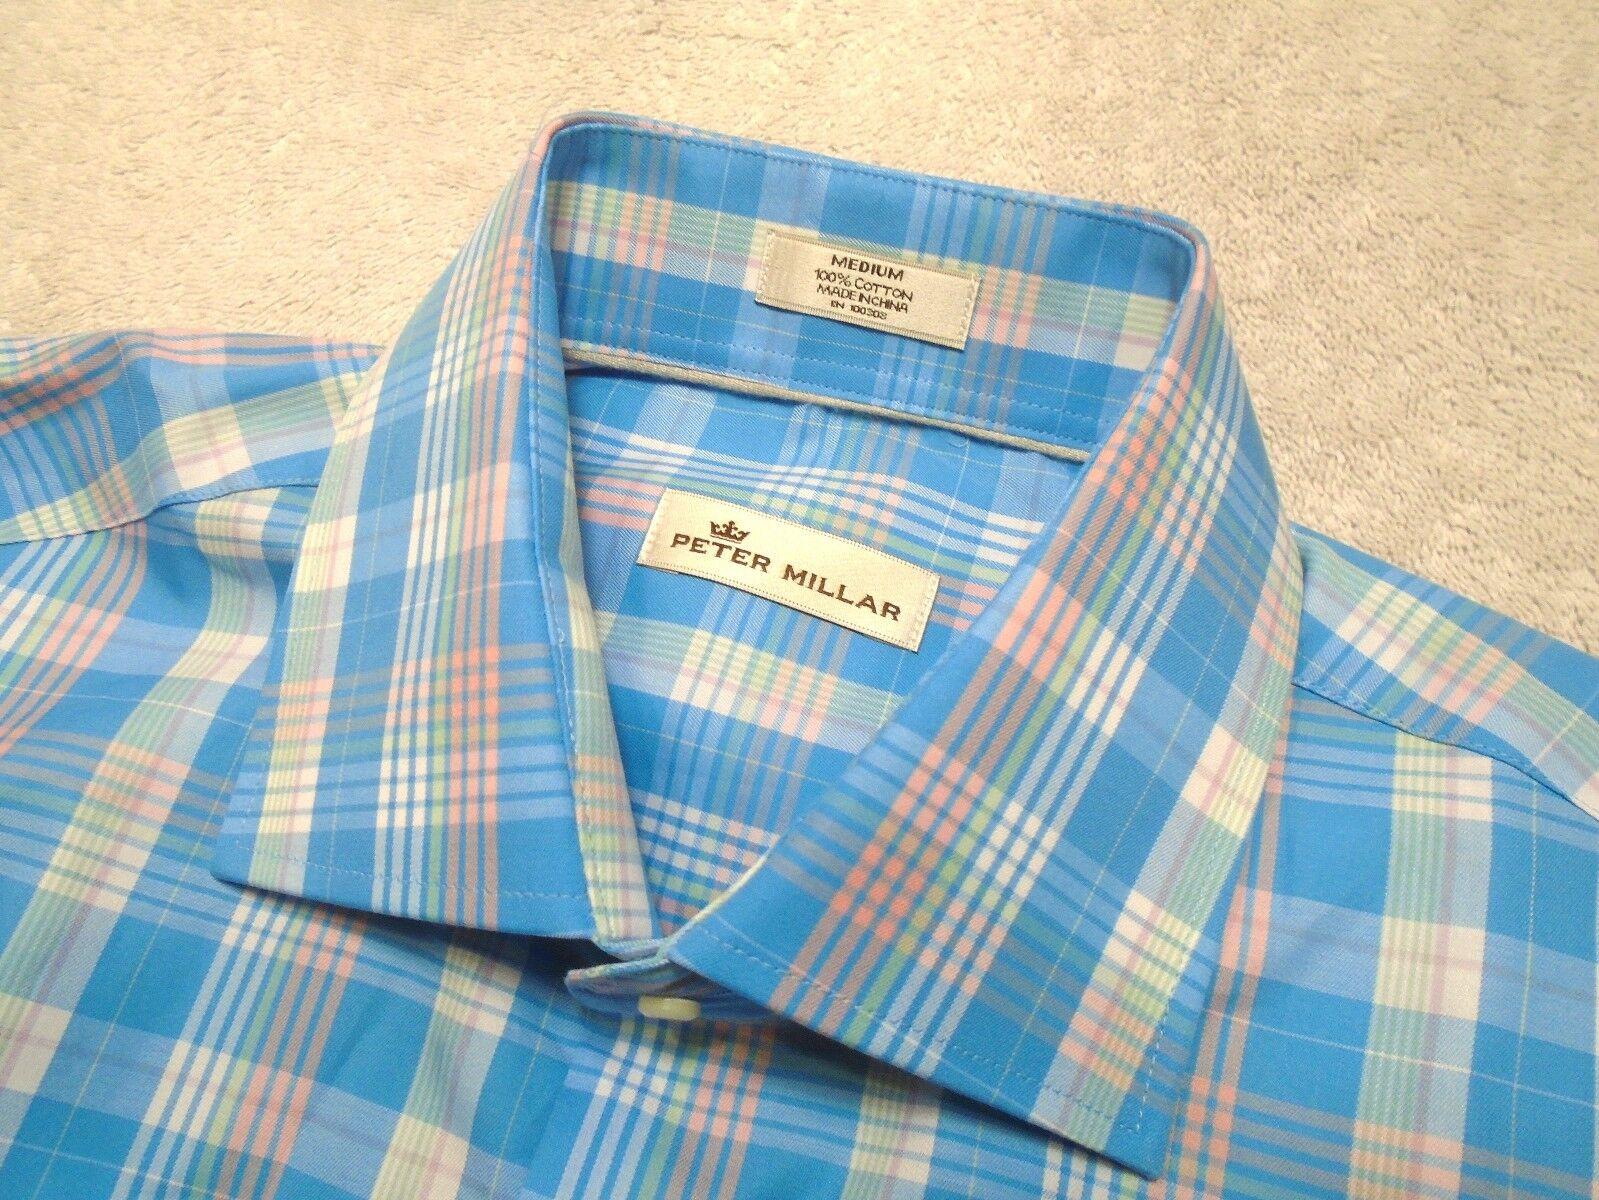 Peter Millar 100% Woven Cotton bluee & Pink Plaid Sport Shirt NWT  Medium